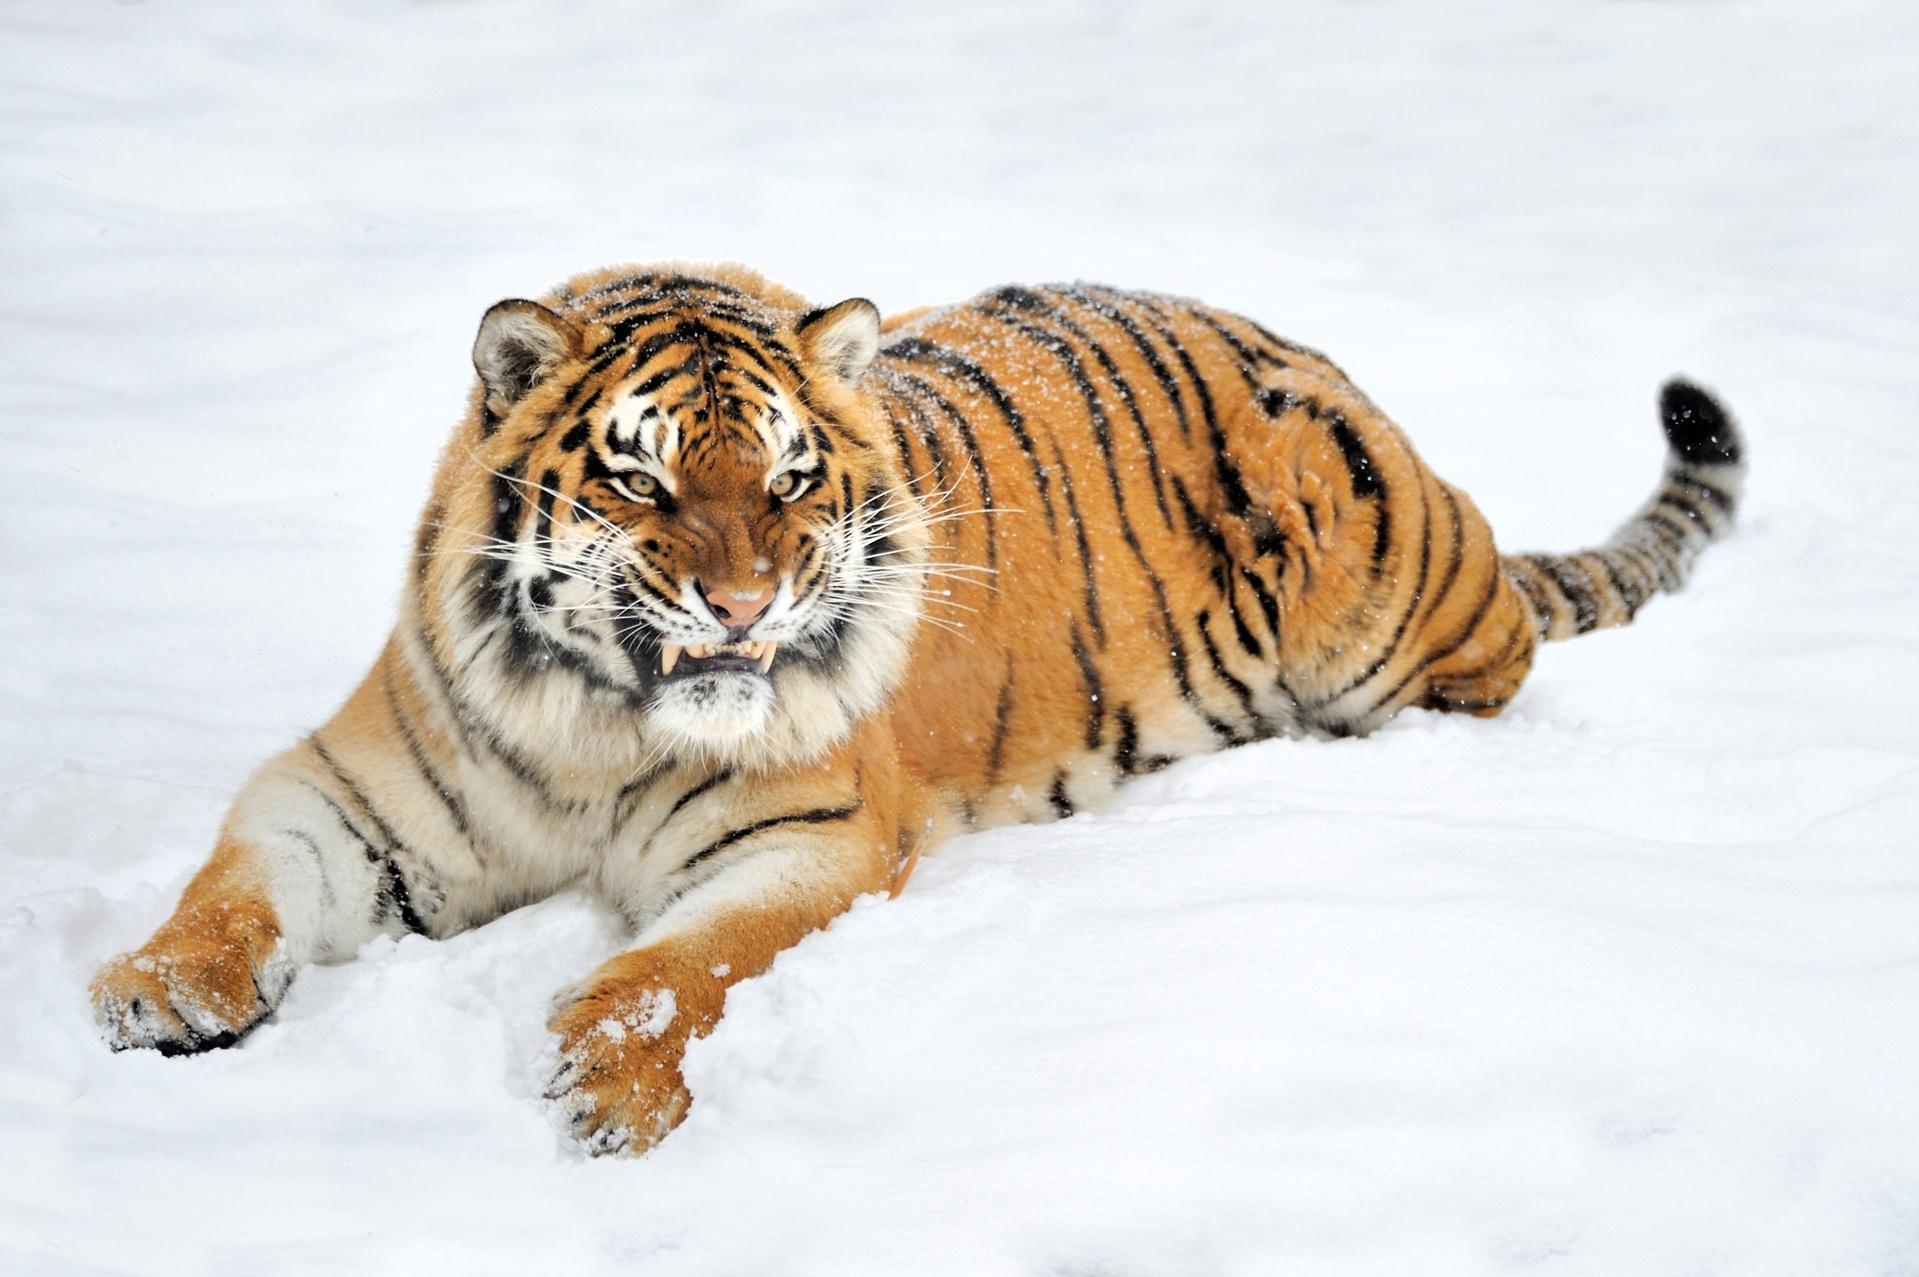 tải hình nền tiger con hổ